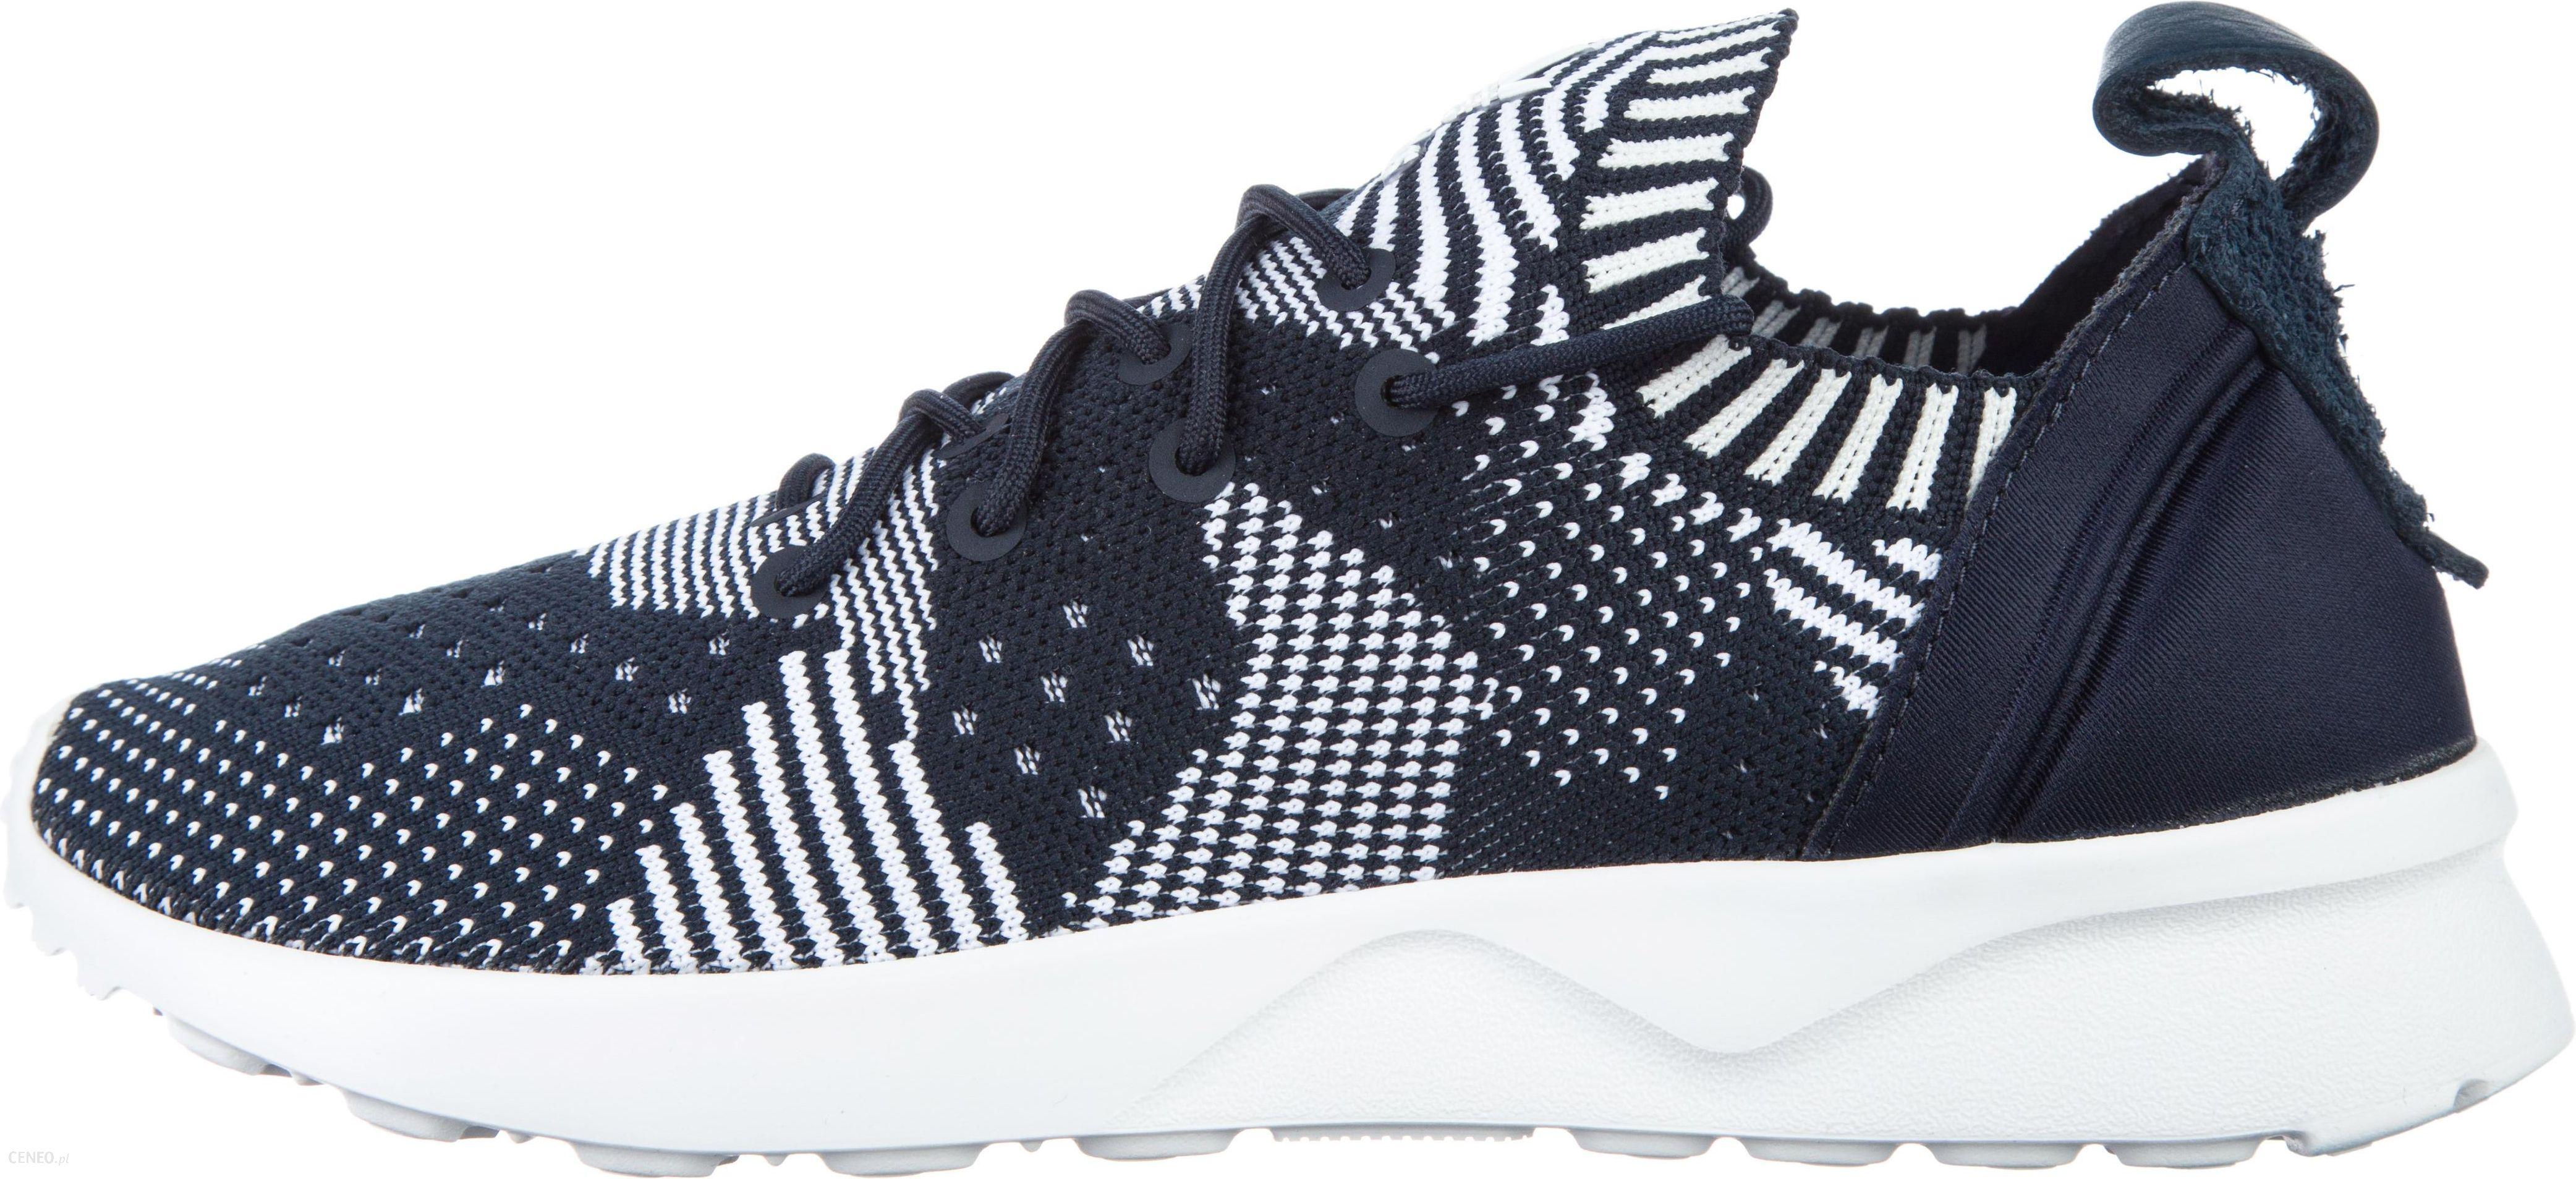 newest b4c76 fa825 adidas Originals ZX Flux ADV Virtue Primeknit Sneakers Niebieski 37 1/3